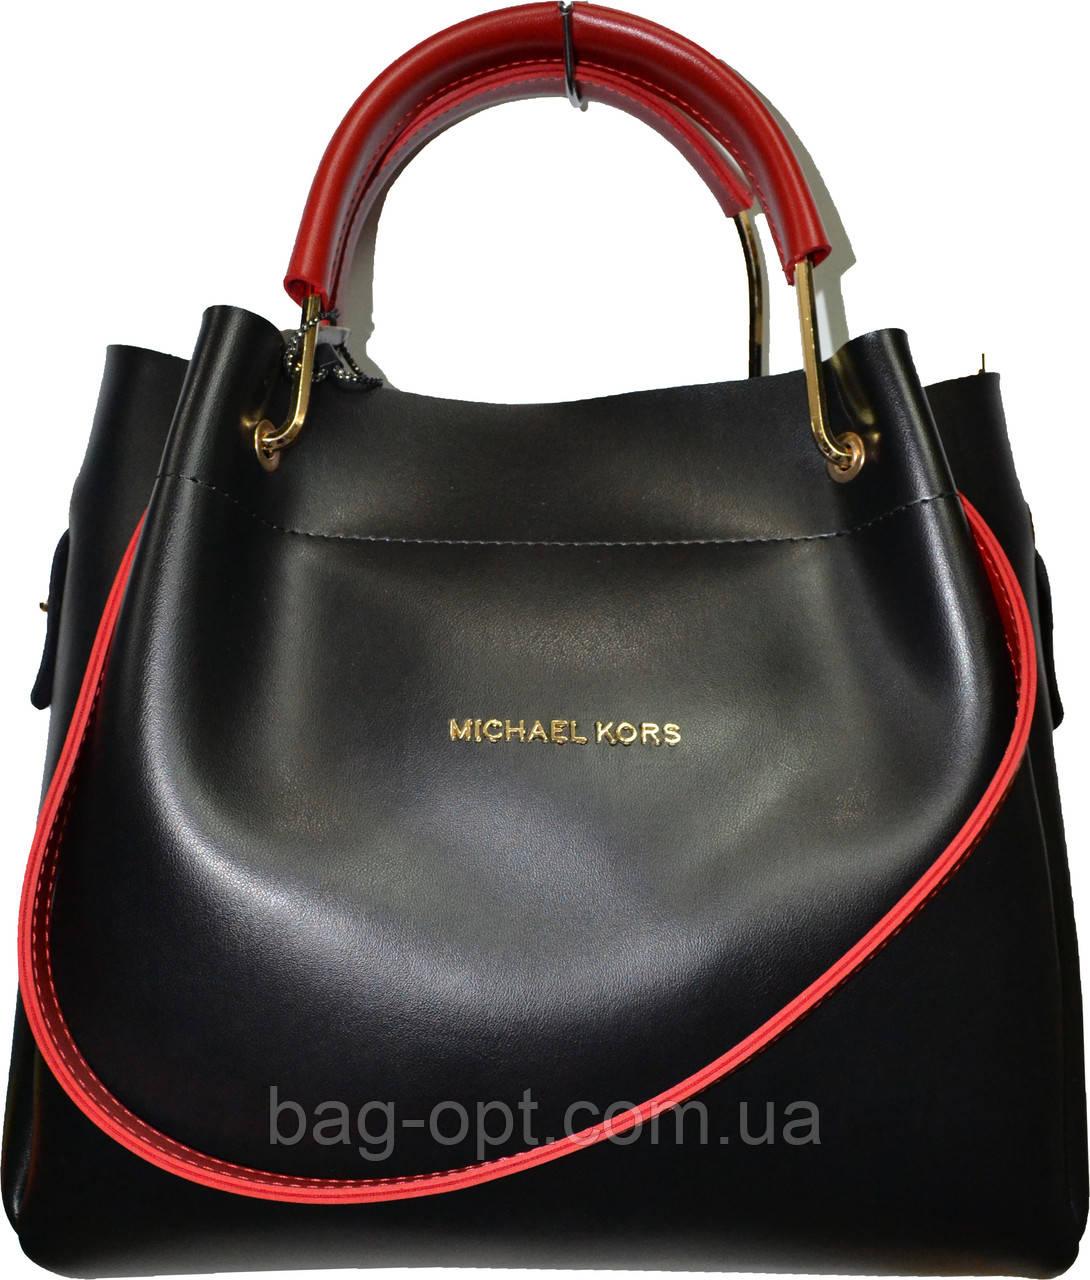 Женская черная сумка с клачем Michael Kors (28*32*14)